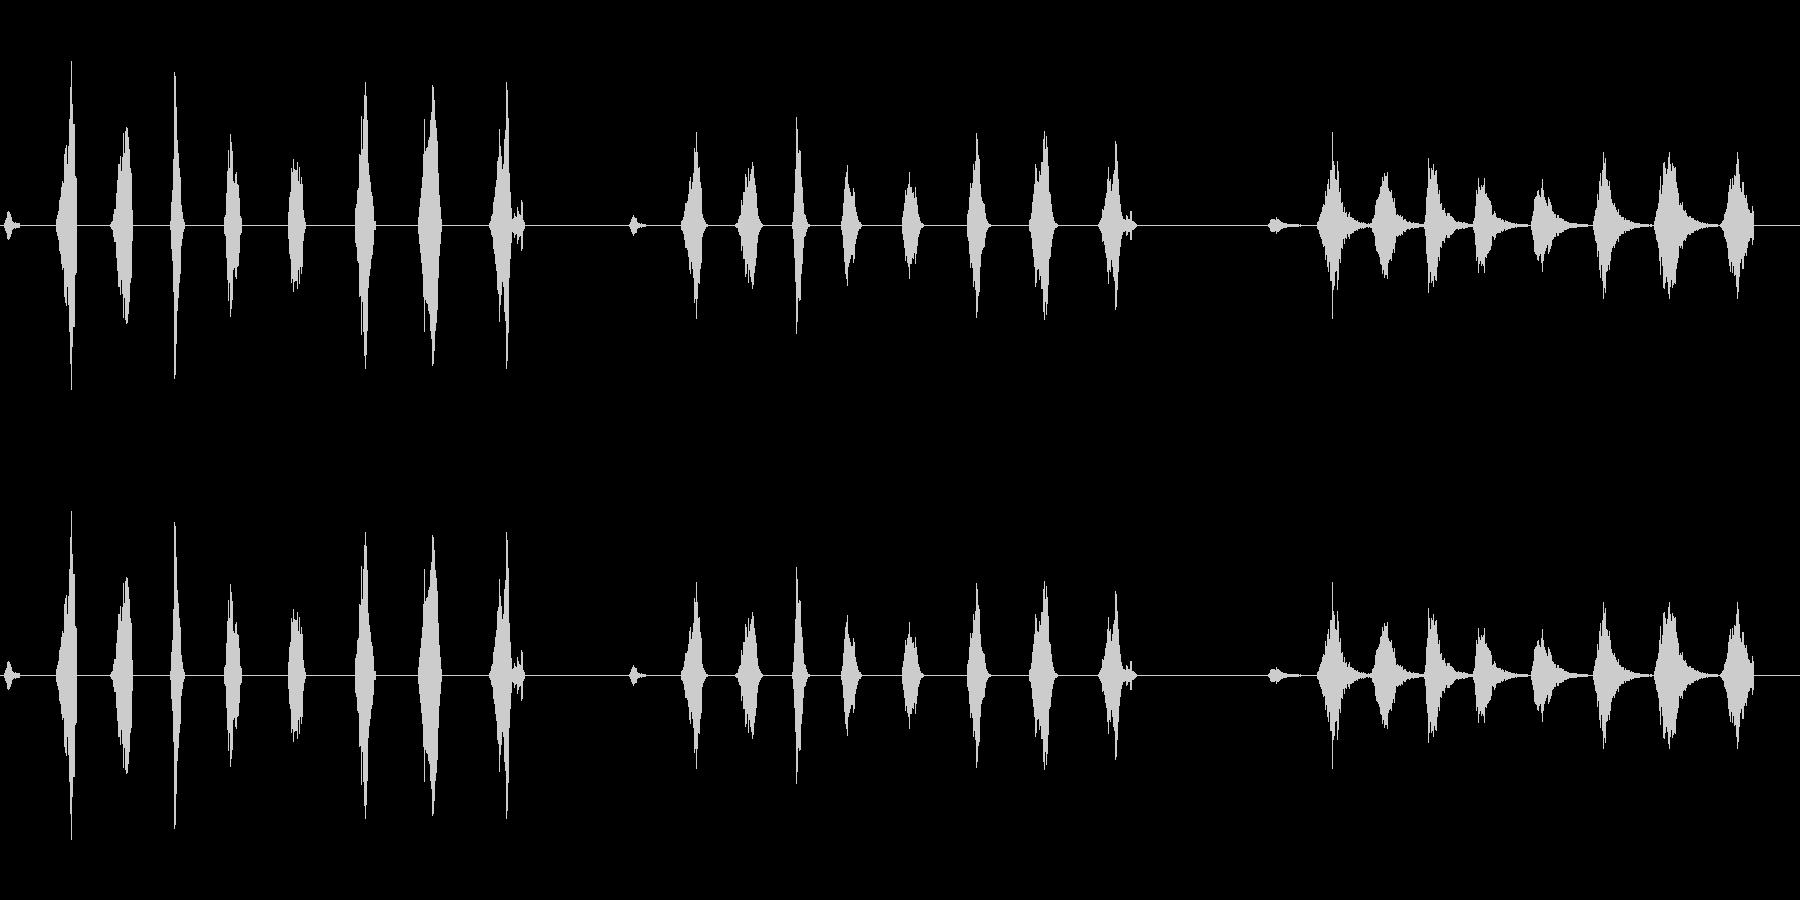 ローププル1の未再生の波形